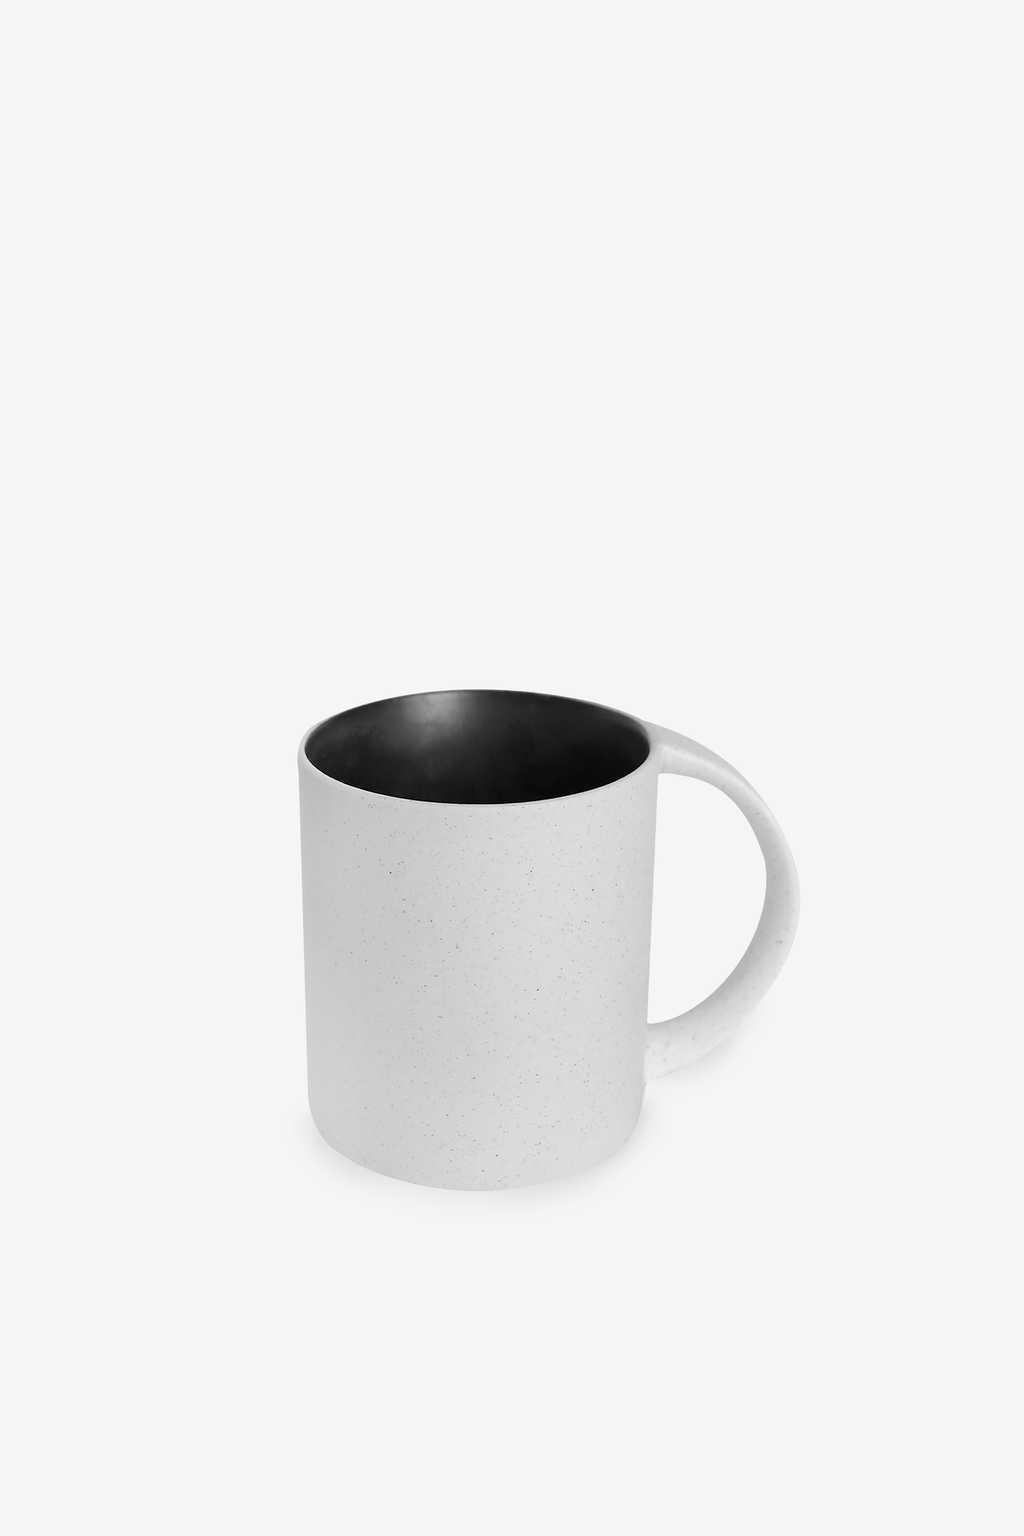 Mug 2532 Black 2